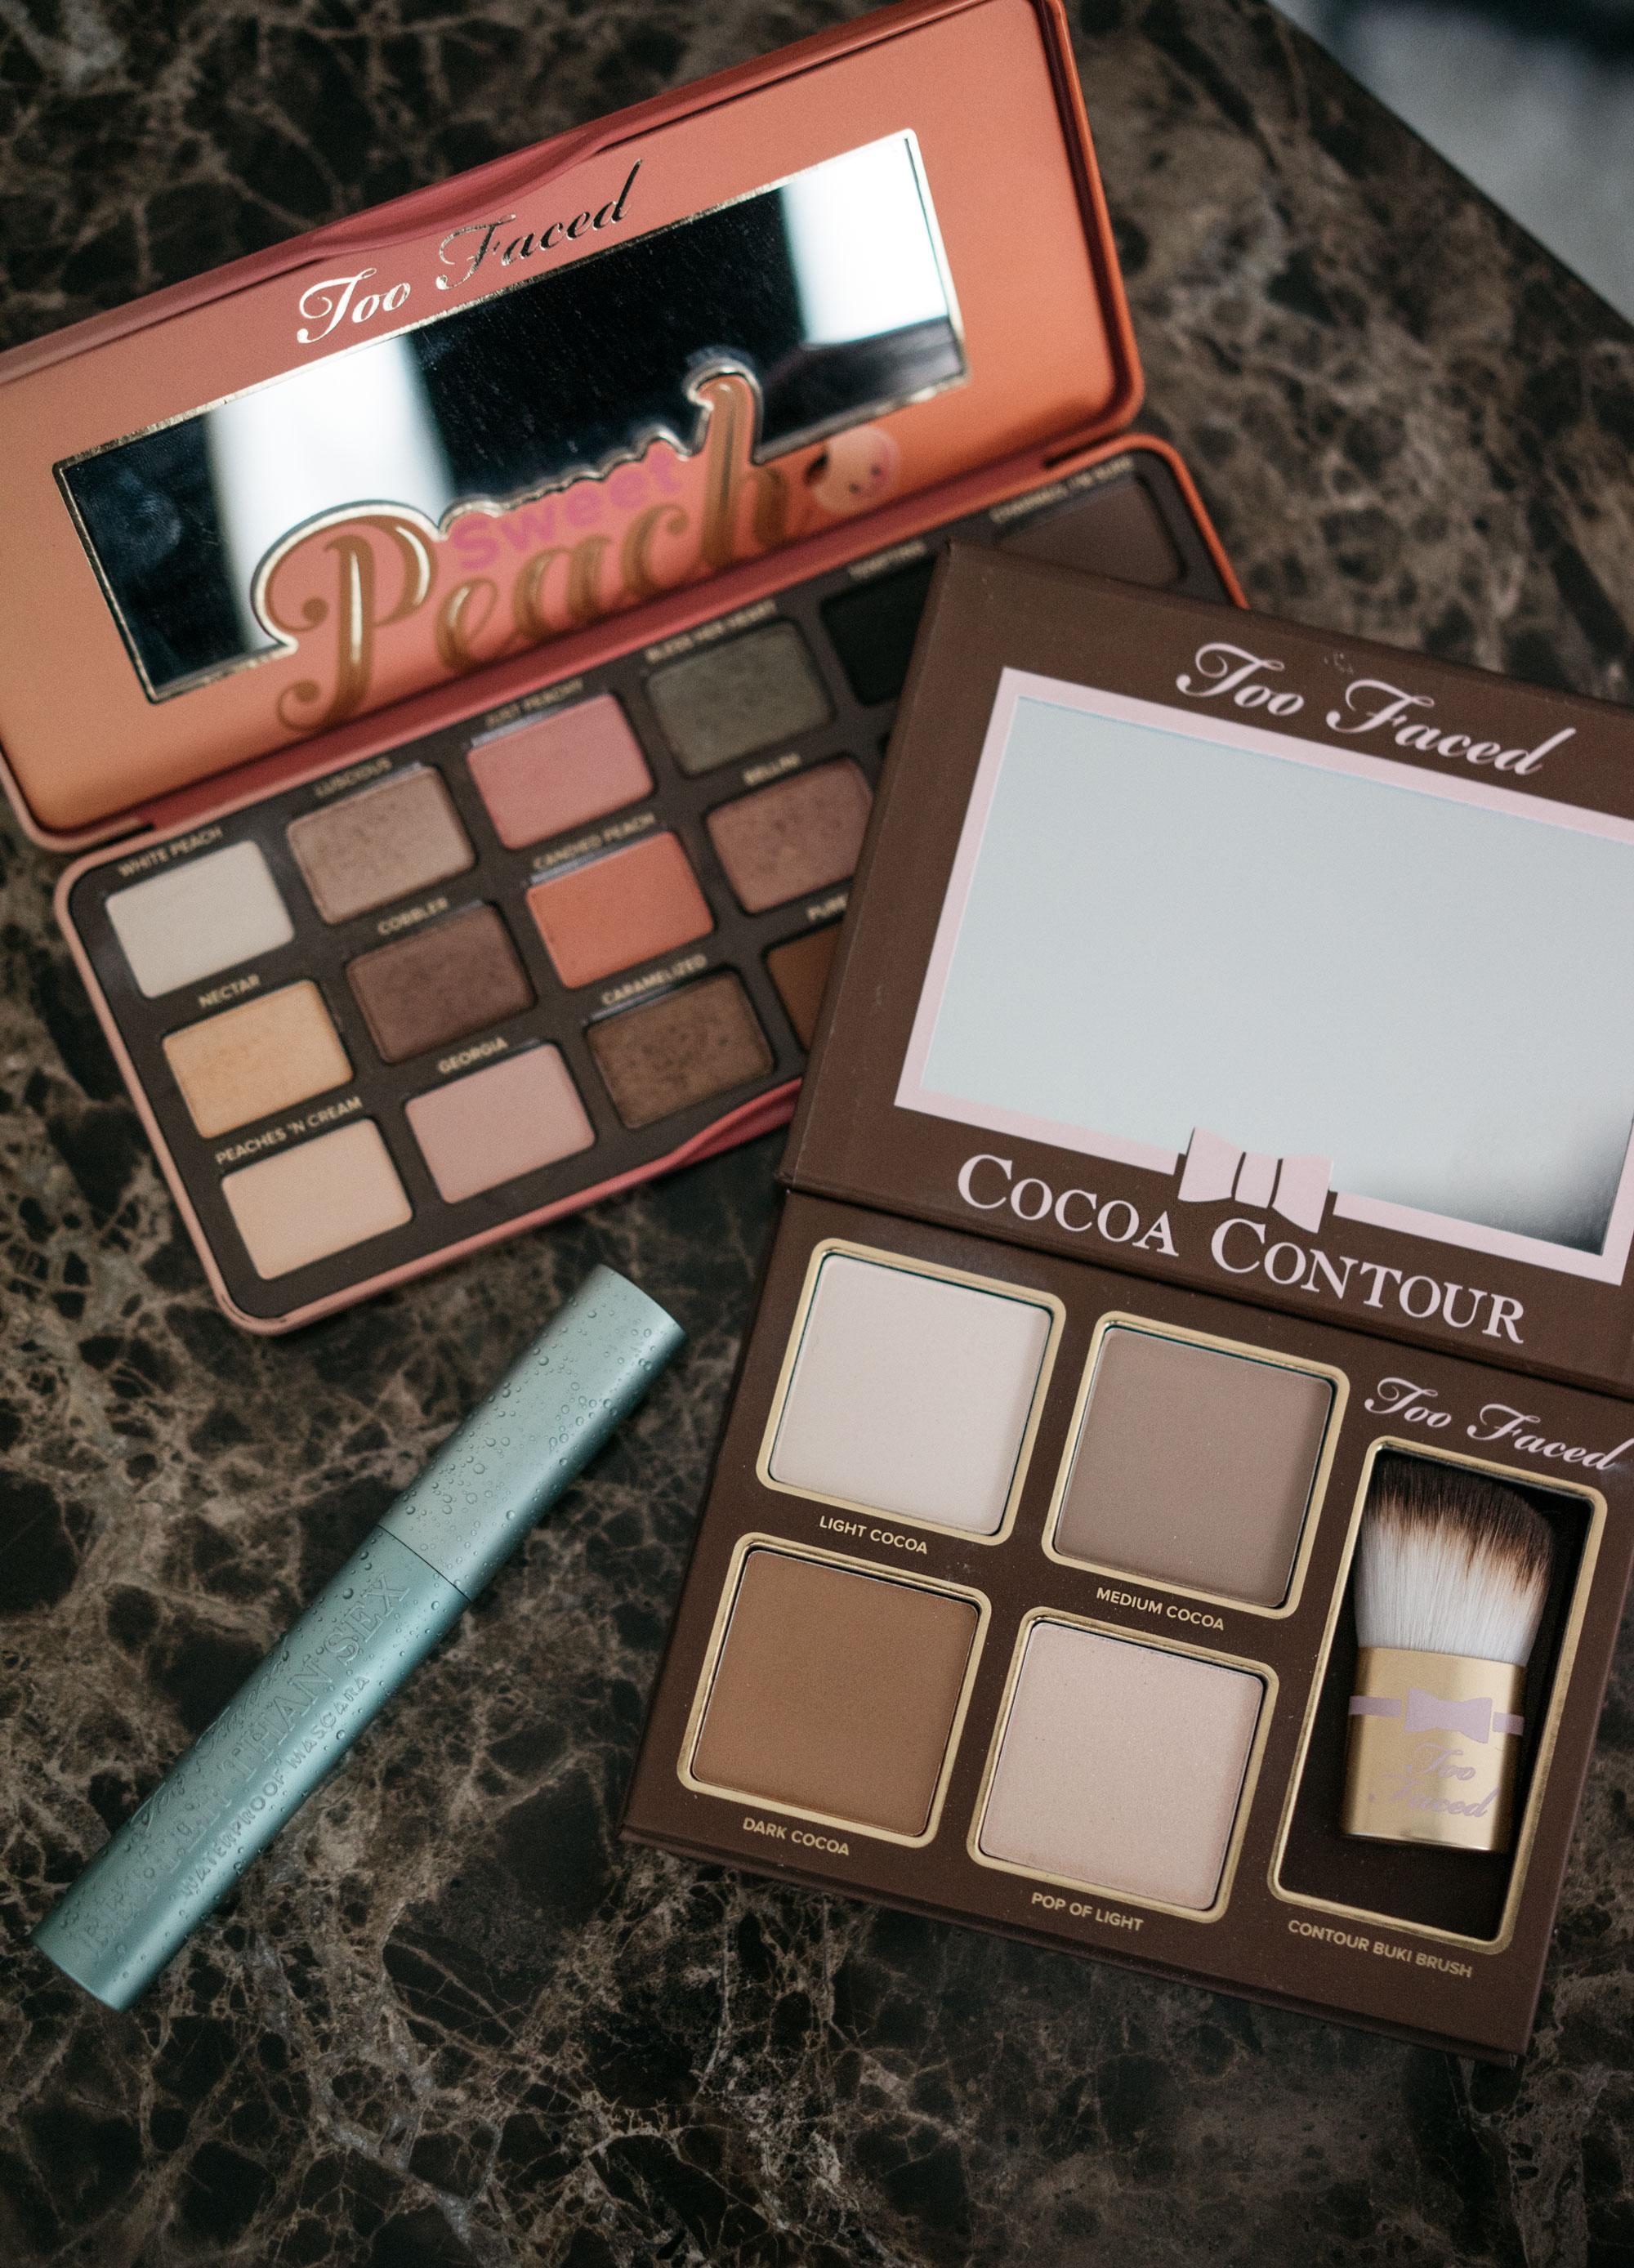 Lieblingsprodukte einer Bloggerin | Beauty & Kosmetik | Testsieger | Empfehlung | Make-up | Marke: toofaced | Geruch